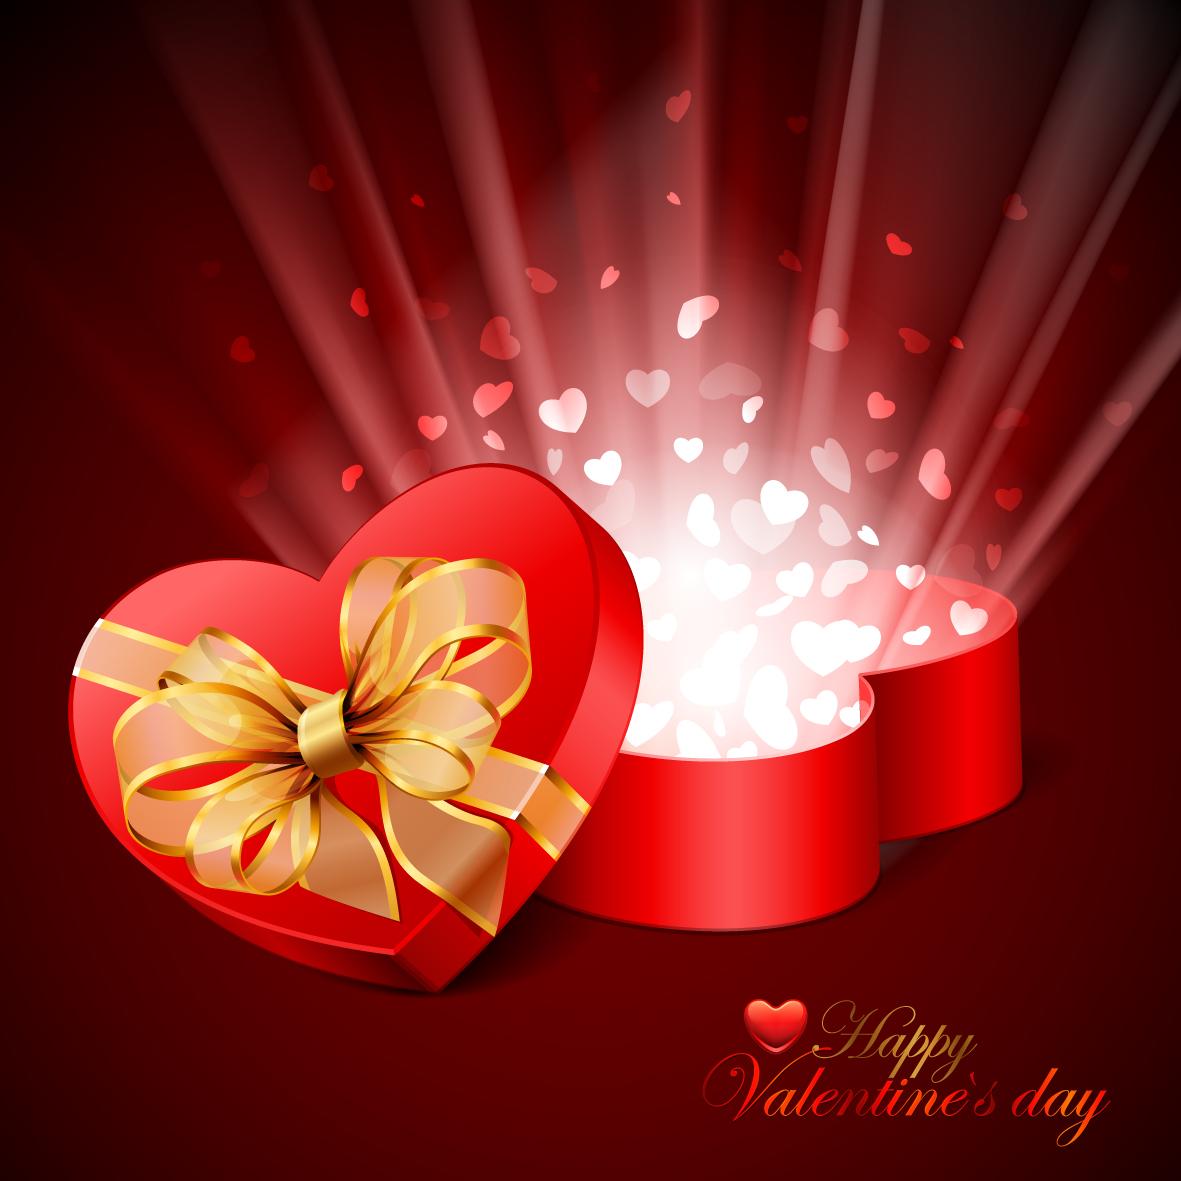 free valentine desktop wallpaper which is under the valentines 1181x1181